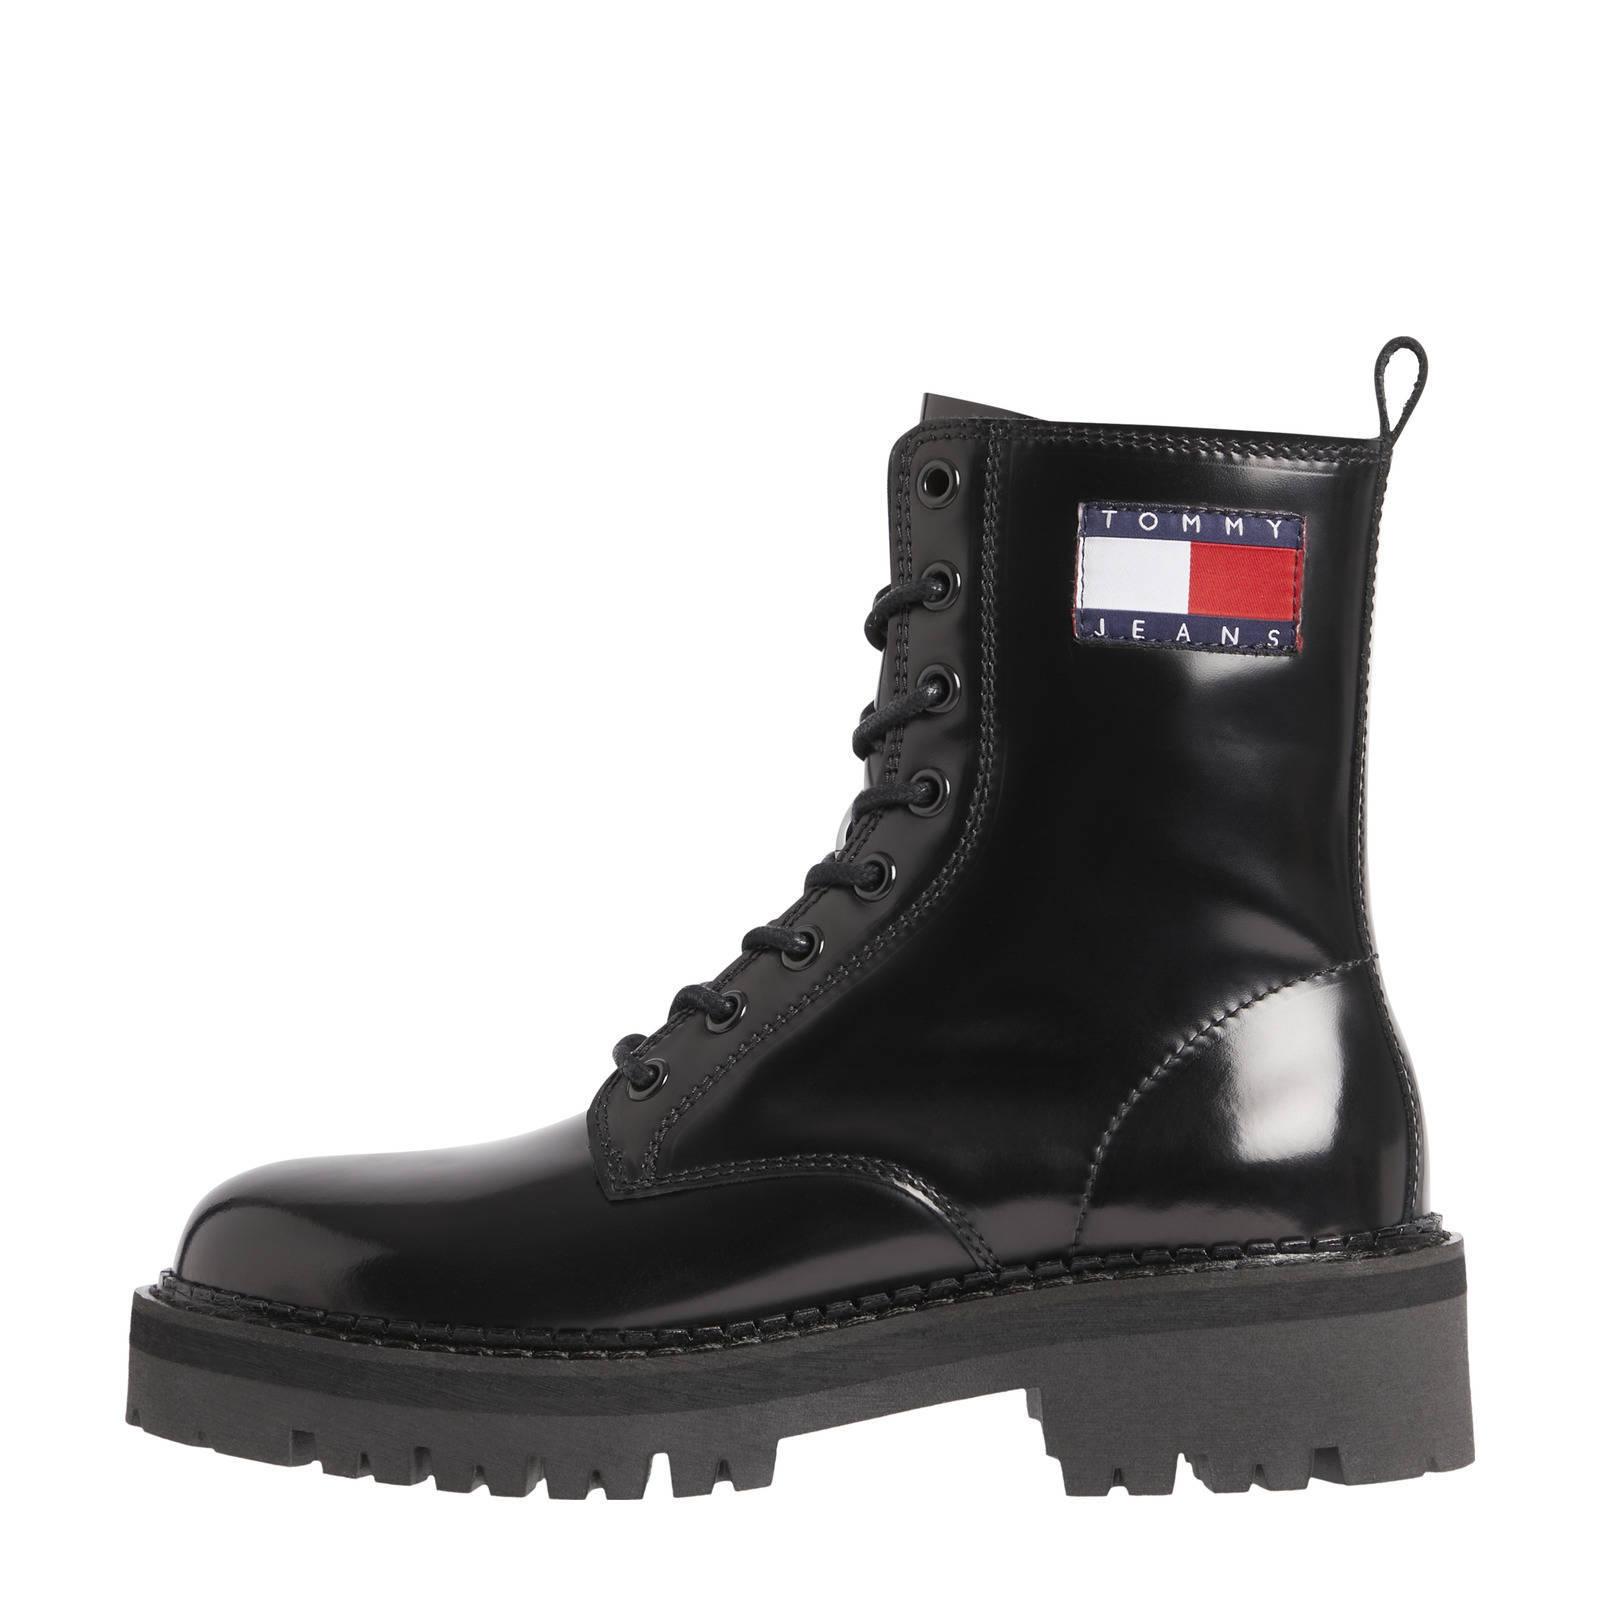 Tommy Hilfiger Laarzen Urban Tommy Jeans La Zwart online kopen